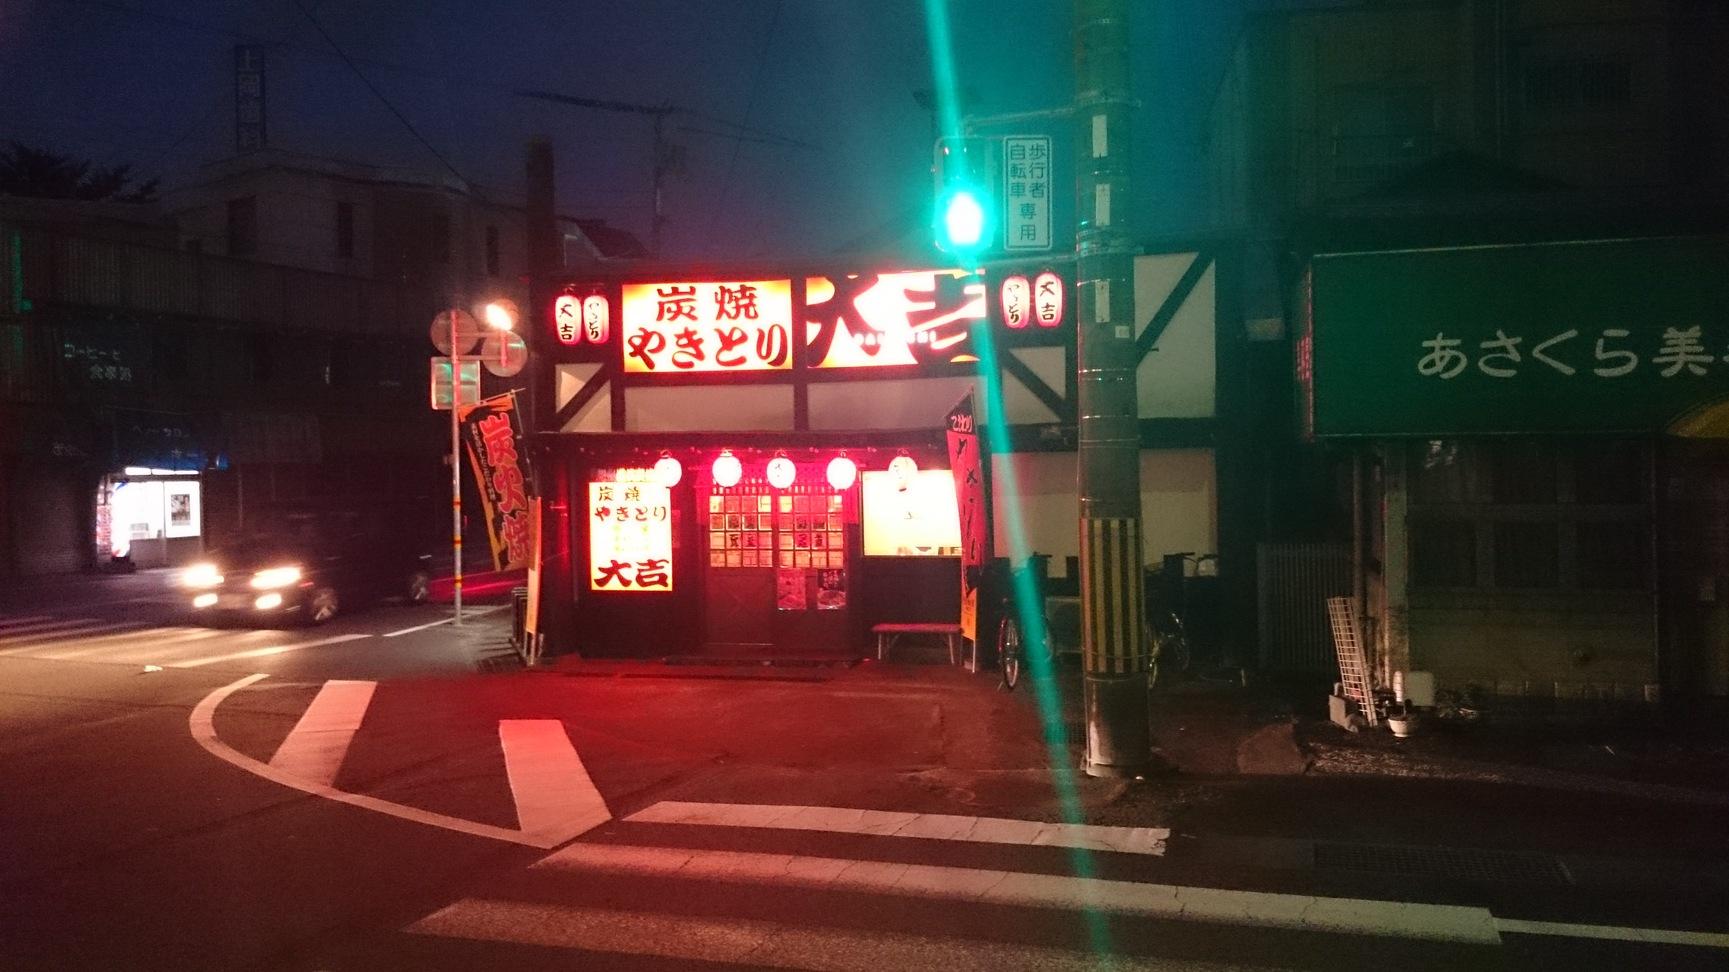 やきとり大吉 朝倉駅前店